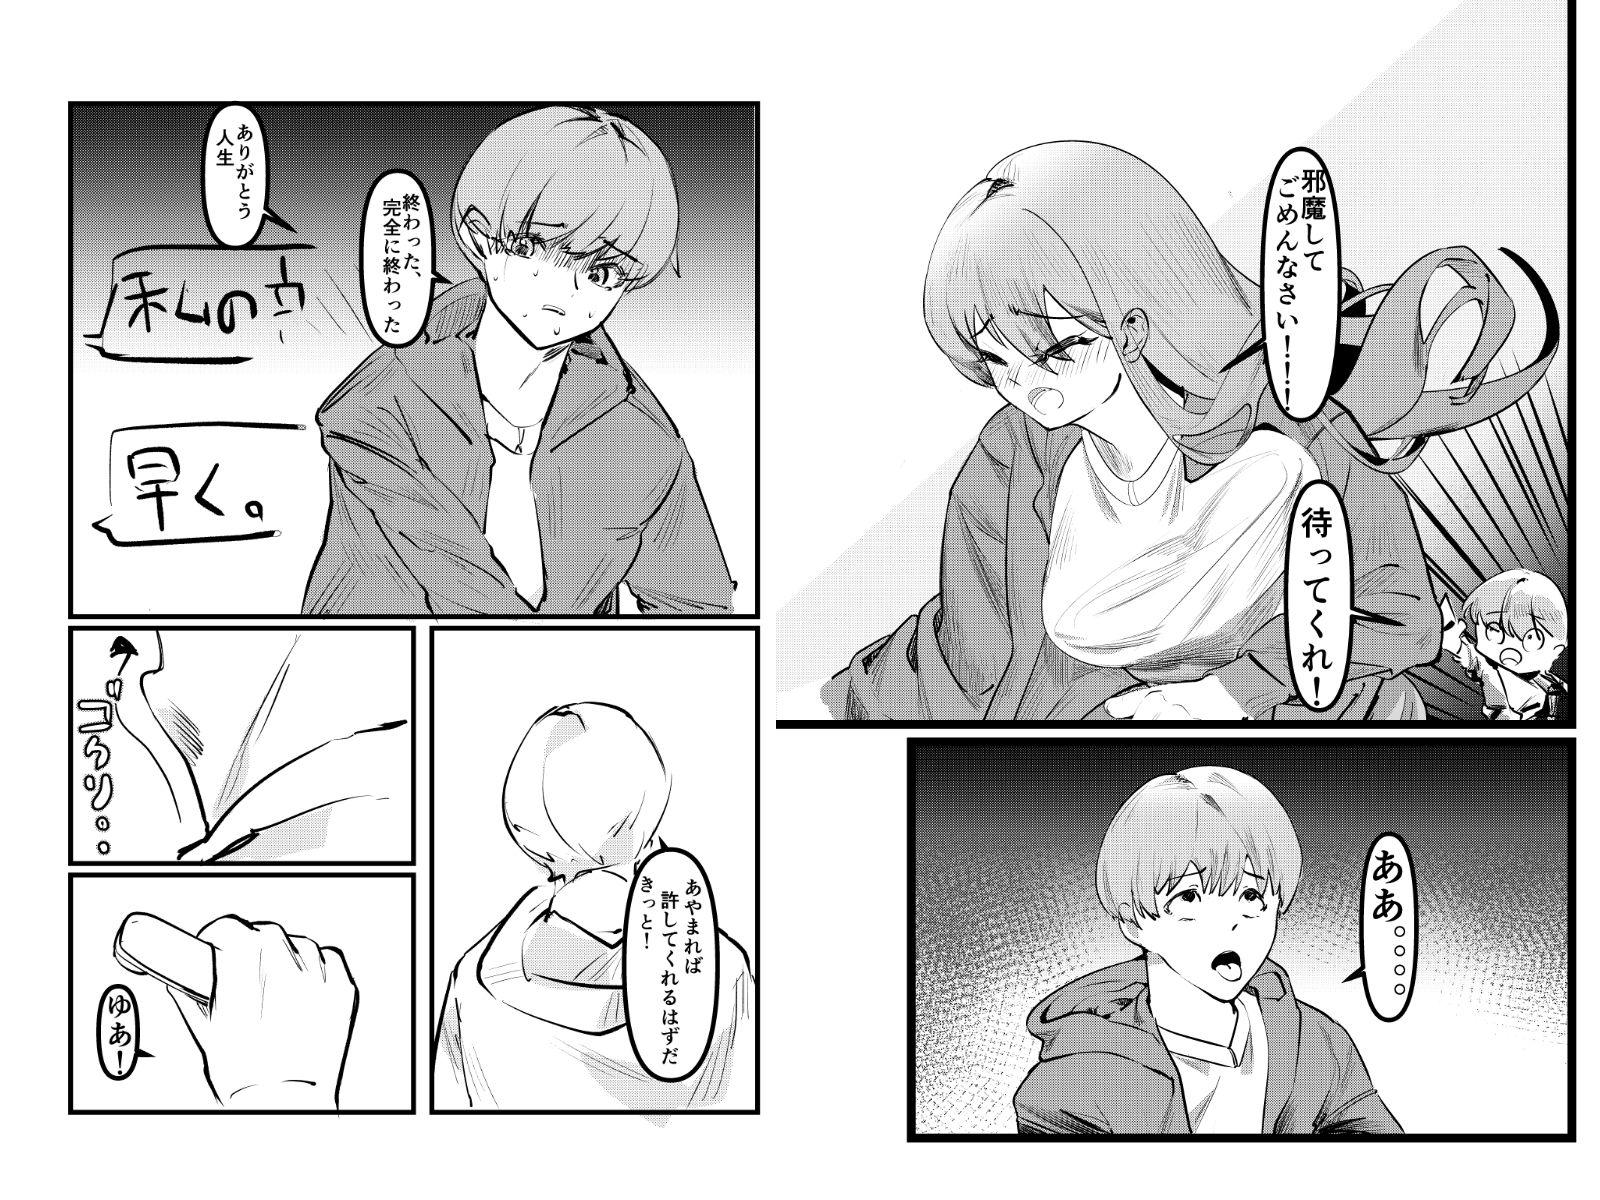 サンプル画像1:妹にオナニー見られた!?(frydaybrand) [d_196775]